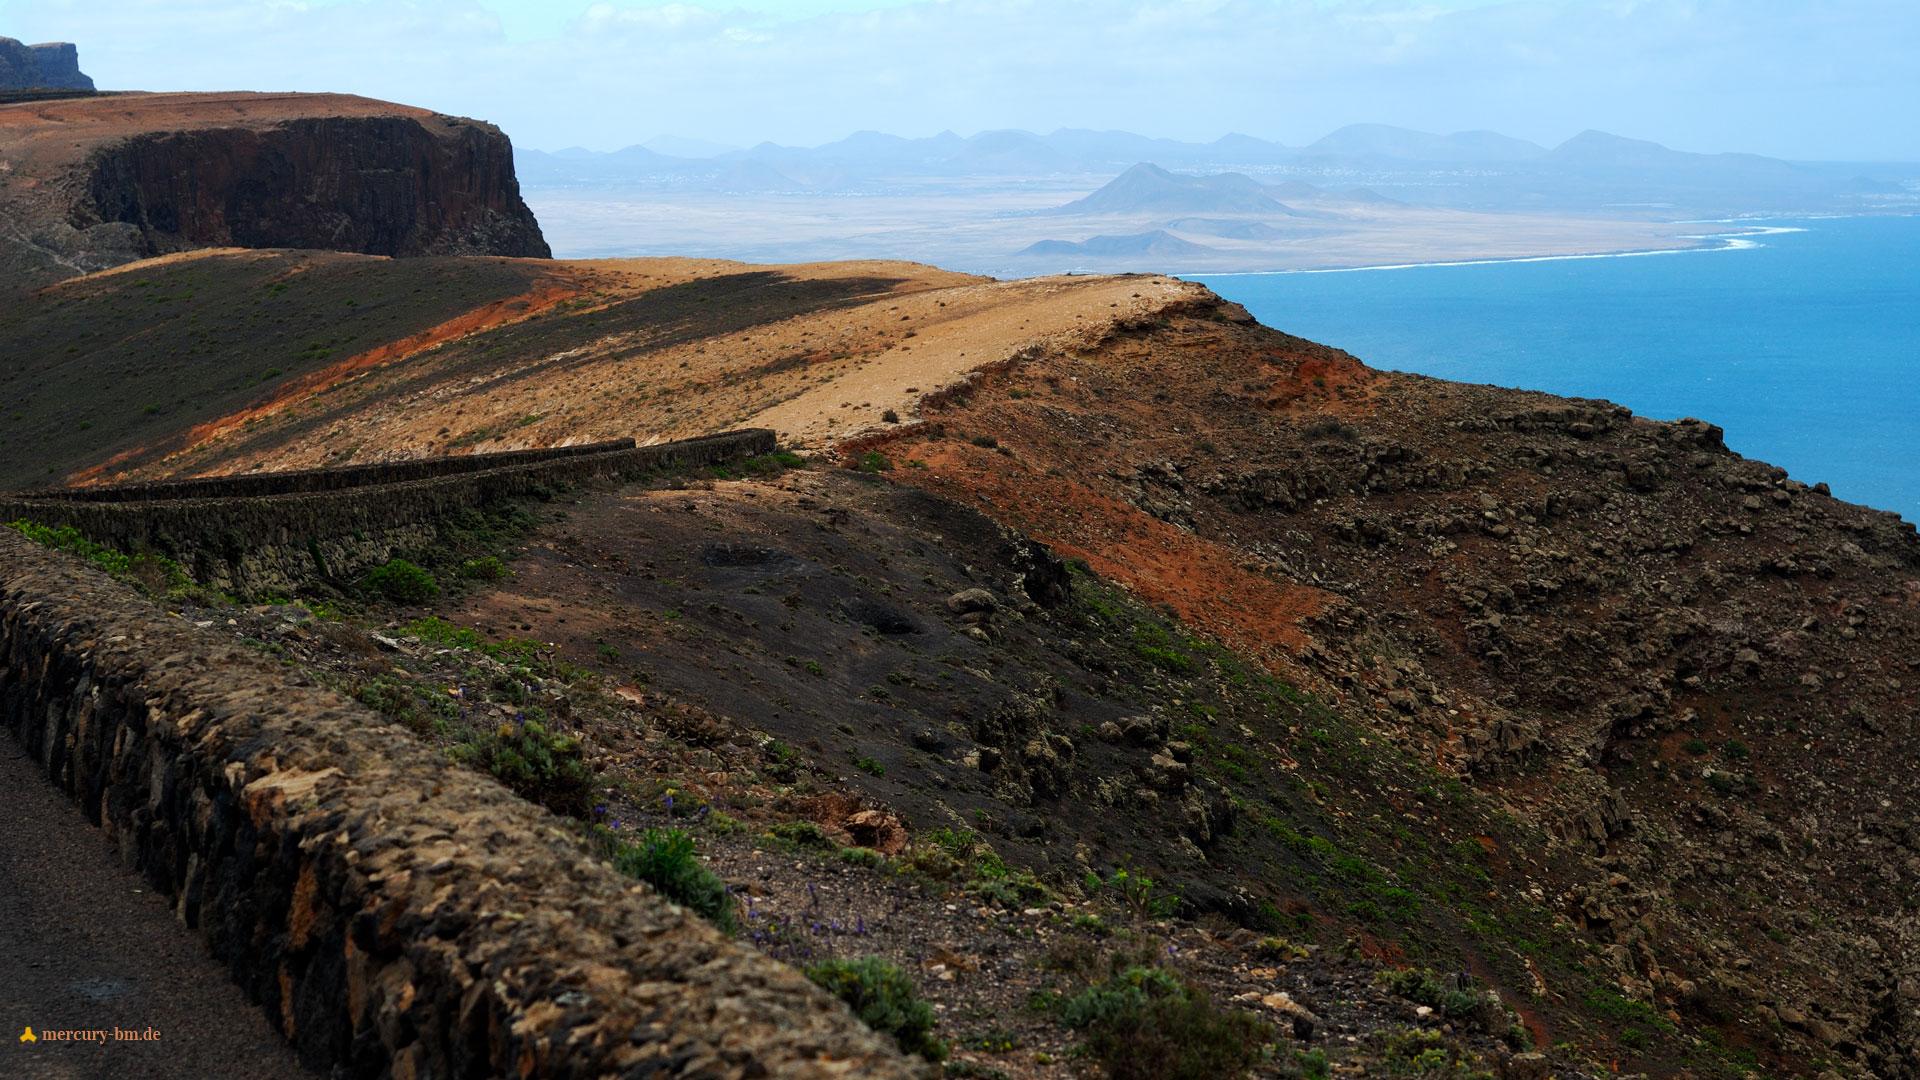 Mirador del Río, Lanzarote 16:9 © Mercury Brand Mission